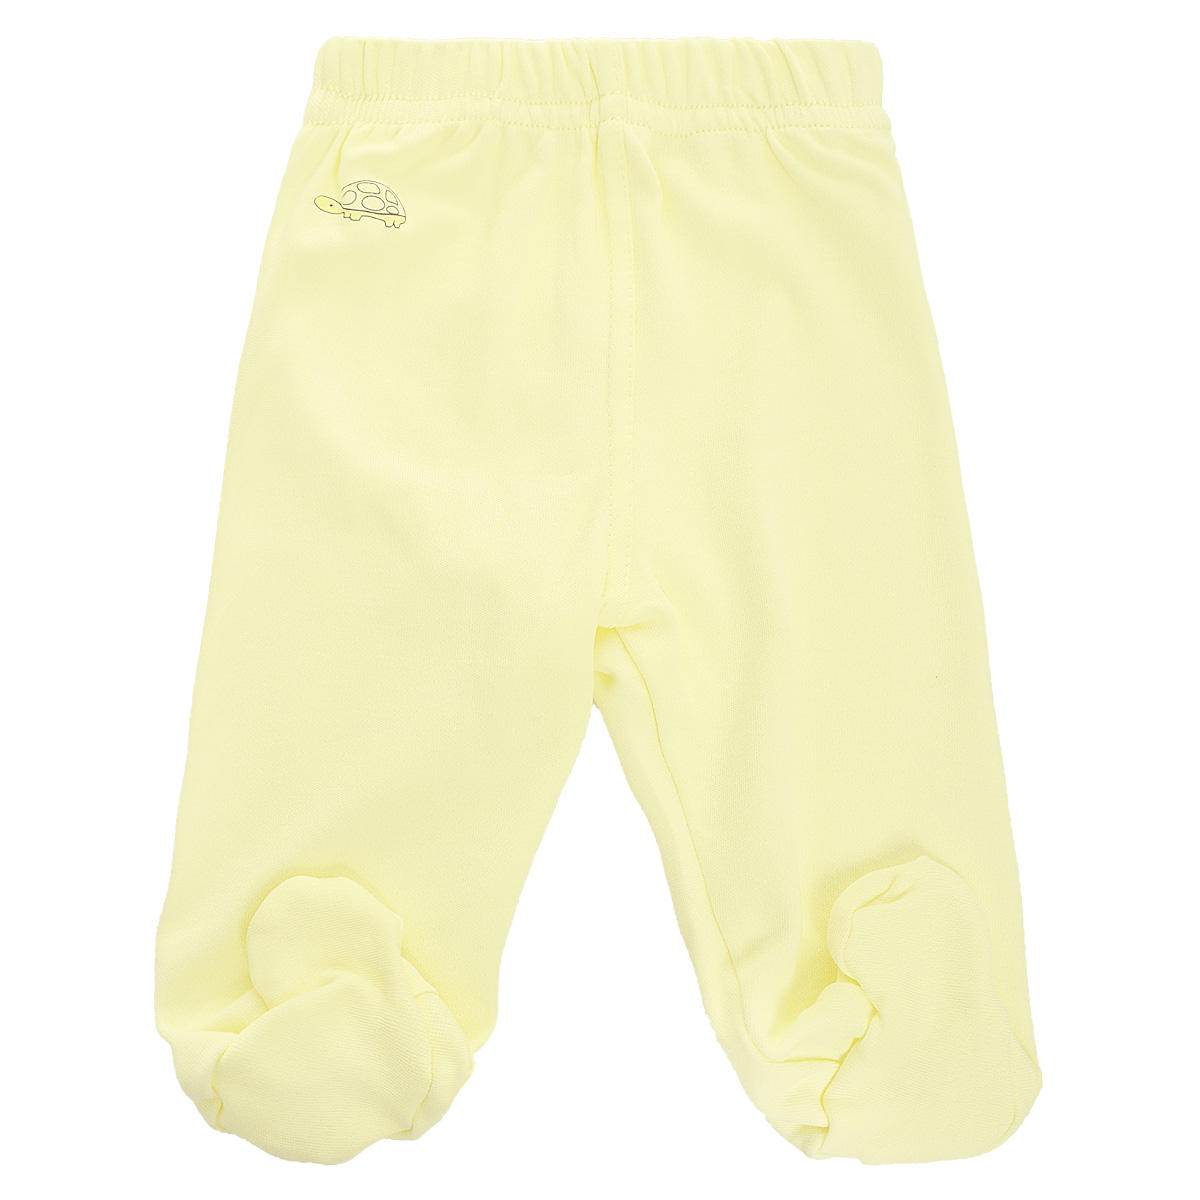 Ползунки Клякса, цвет: светло-желтый. 37-561. Размер 74, 9 месяцев37-561Ползунки для новорожденного Клякса послужат идеальным дополнением к гардеробу вашего младенца, обеспечивая ему наибольший комфорт.Модель, изготовленная из интерлока - натурального хлопка, необычайно мягкая и легкая, не раздражает нежную кожу ребенка и хорошо вентилируется, а эластичные швы приятны телу новорожденного и не препятствуют его движениям. Ползунки с закрытыми ножками благодаря мягкому эластичному поясу не сдавливают животик младенца и не сползают, идеально подходят для ношения с подгузником. Спереди изделие оформлено оригинальным принтом в виде небольшого изображения животного. Они полностью соответствуют особенностям жизни ребенка в ранний период, не стесняя и не ограничивая его в движениях. УВАЖАЕМЫЕ КЛИЕНТЫ! Обращаем ваше внимание на возможные незначительные изменения в дизайне: рисунок животного может отличатся от рисунка, изображенного на фотографии.